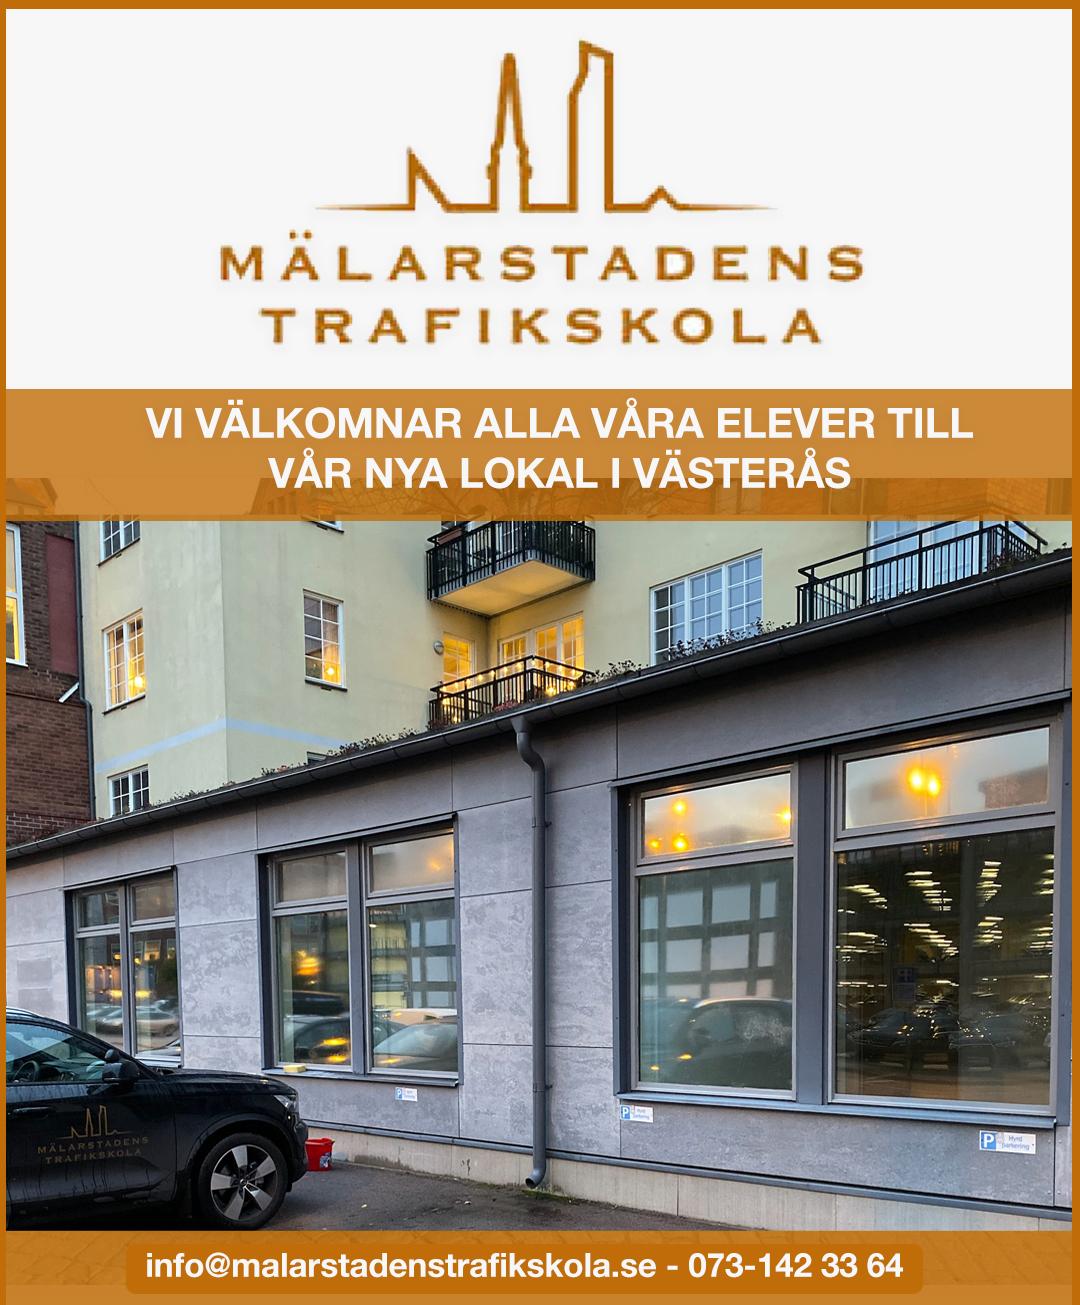 Malarstadenstrafikskola.se - Businesschannel.se